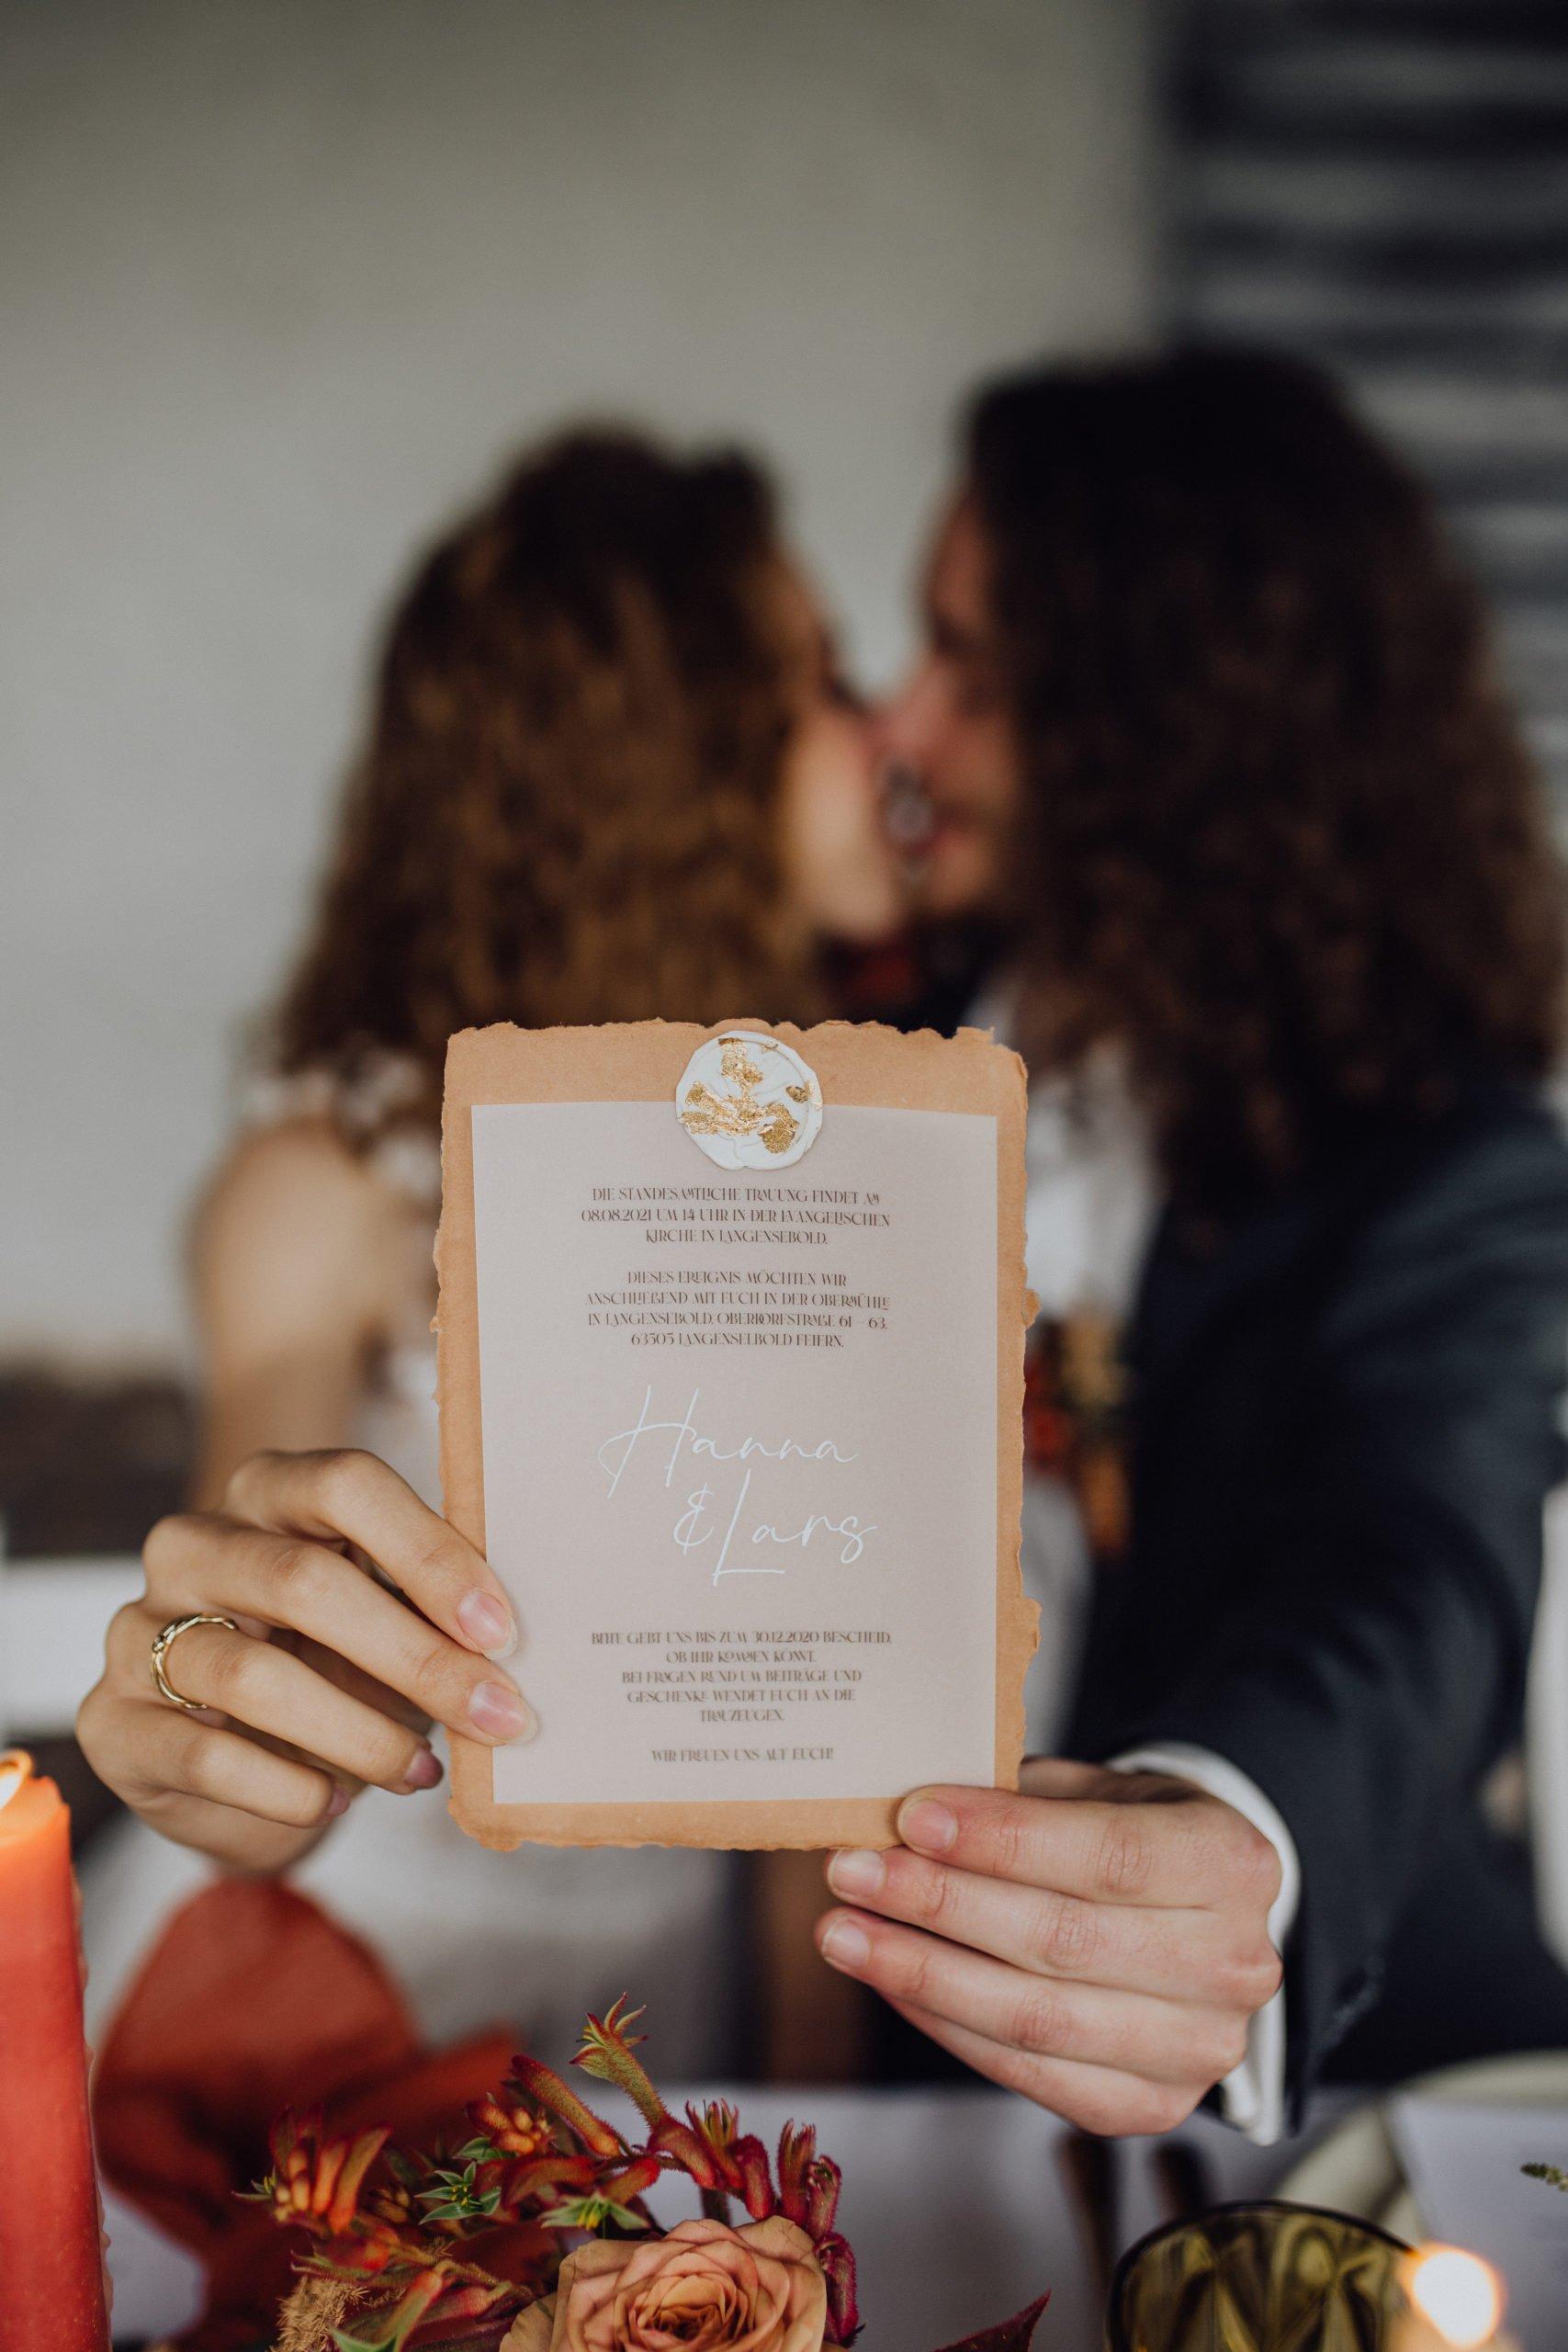 Braut und Bräutigam halten Einladungskarte zur Hochzeit